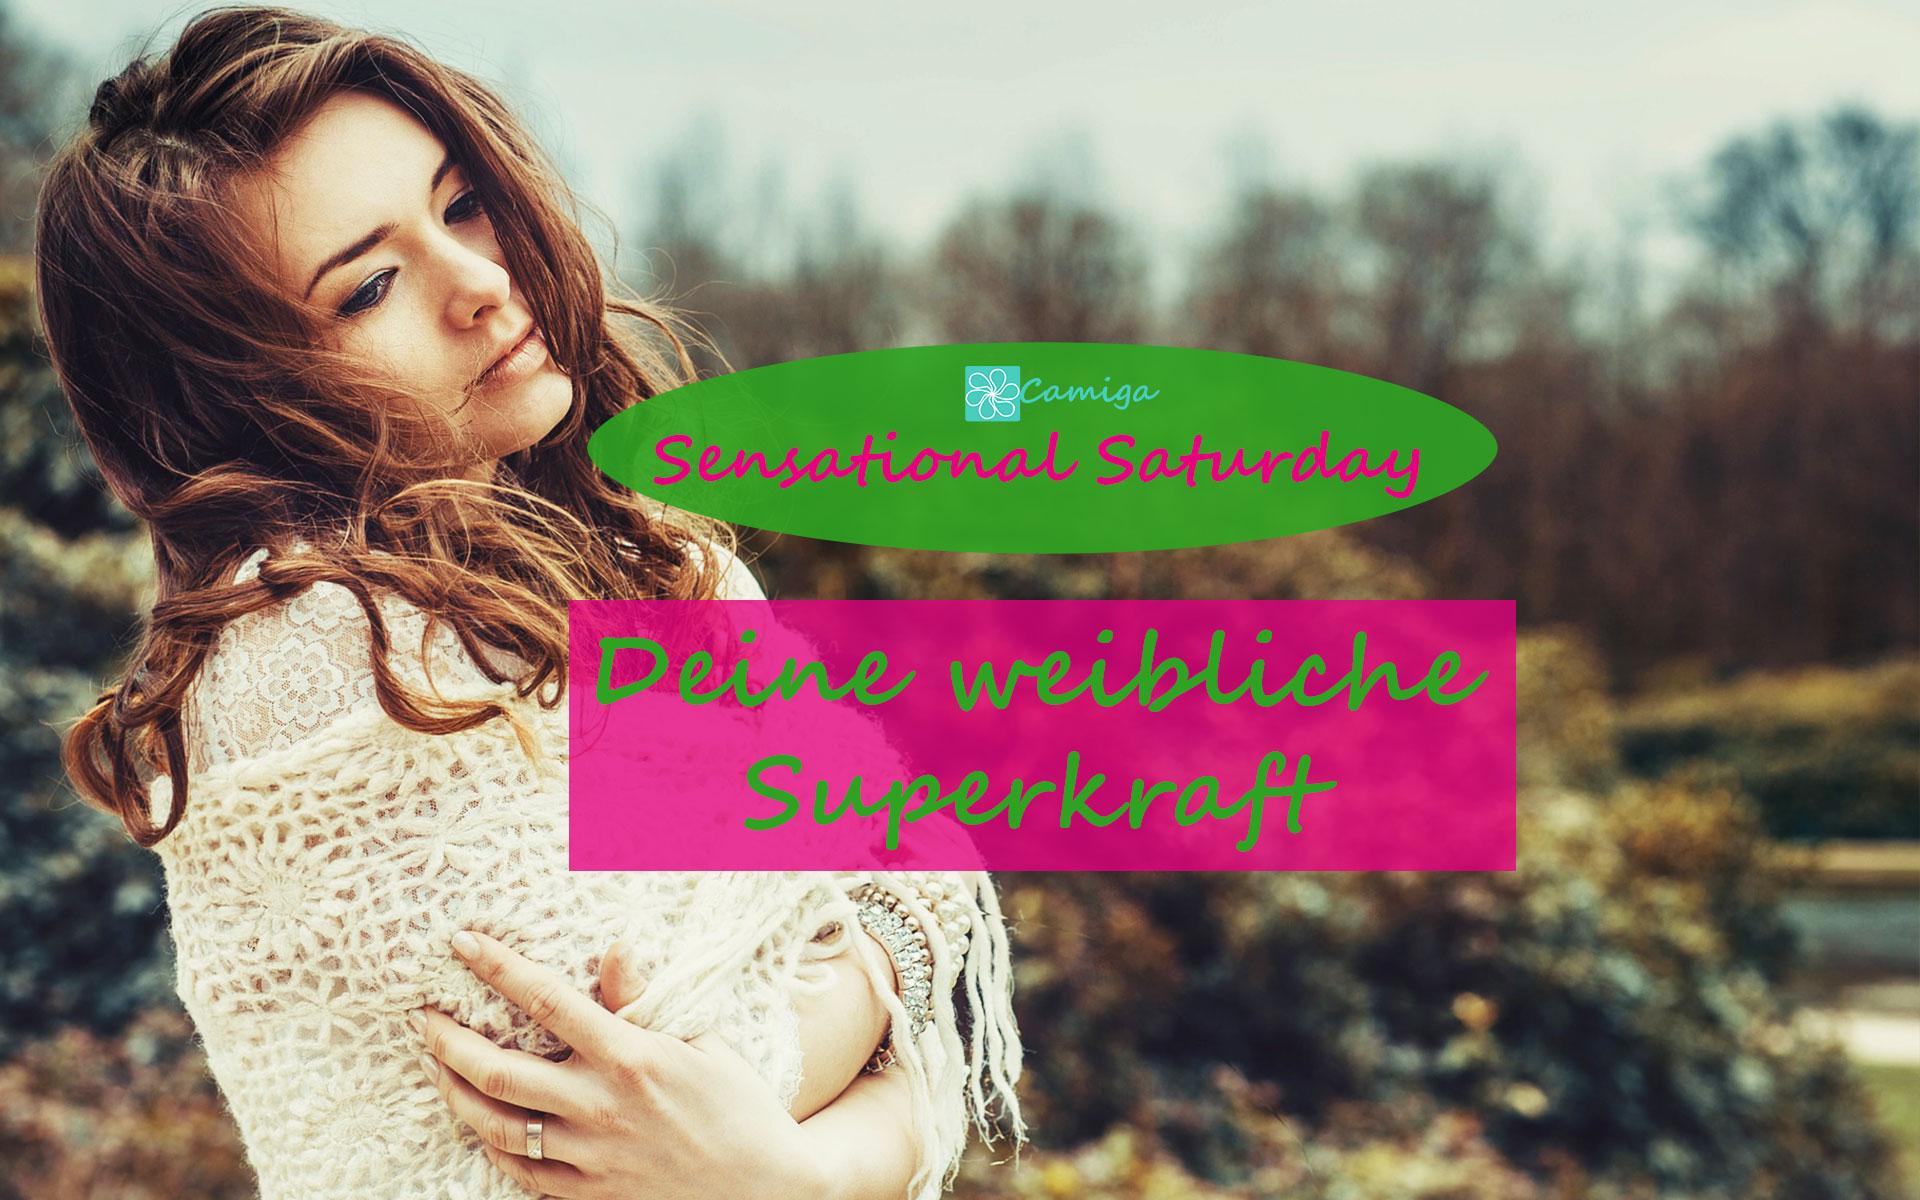 Deine weibliche Superkraft | Camiga - Finde deinen Glanz